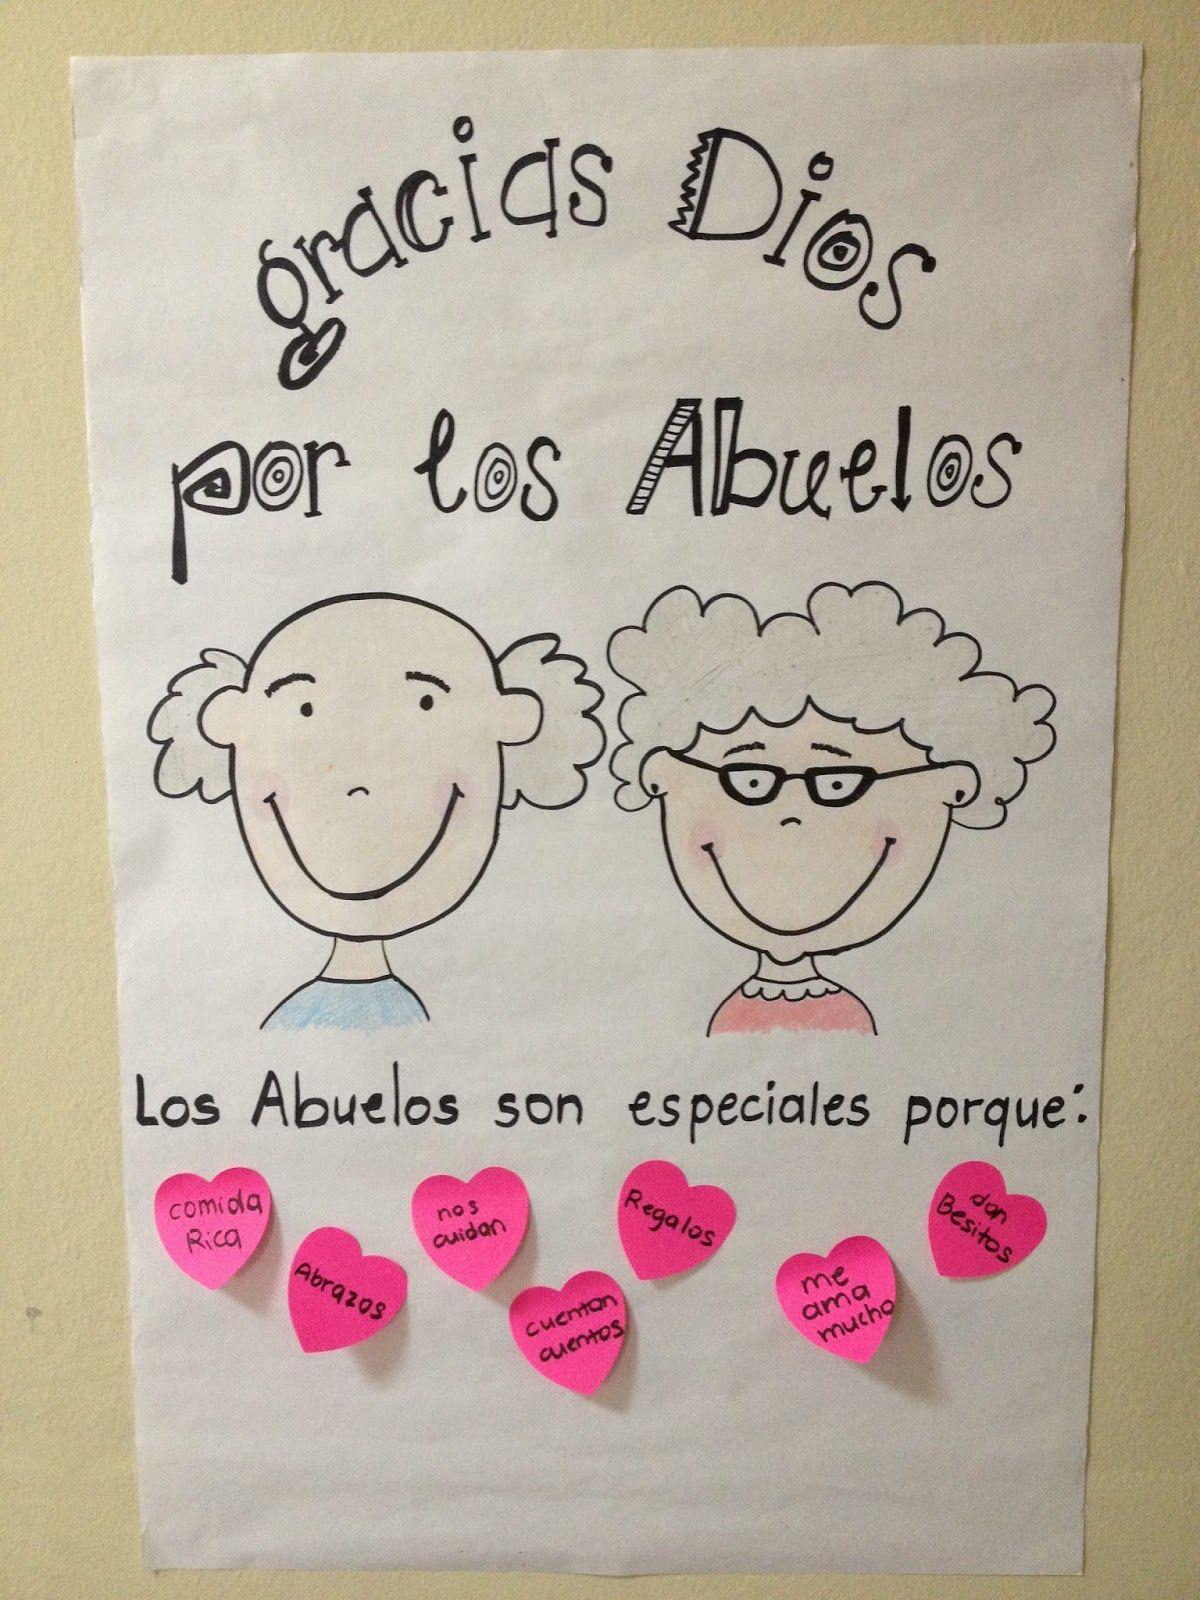 23 Ideas De Abuelos Dia Del Abuelo Feliz Dia Del Abuelo Imagenes De Abuelitos